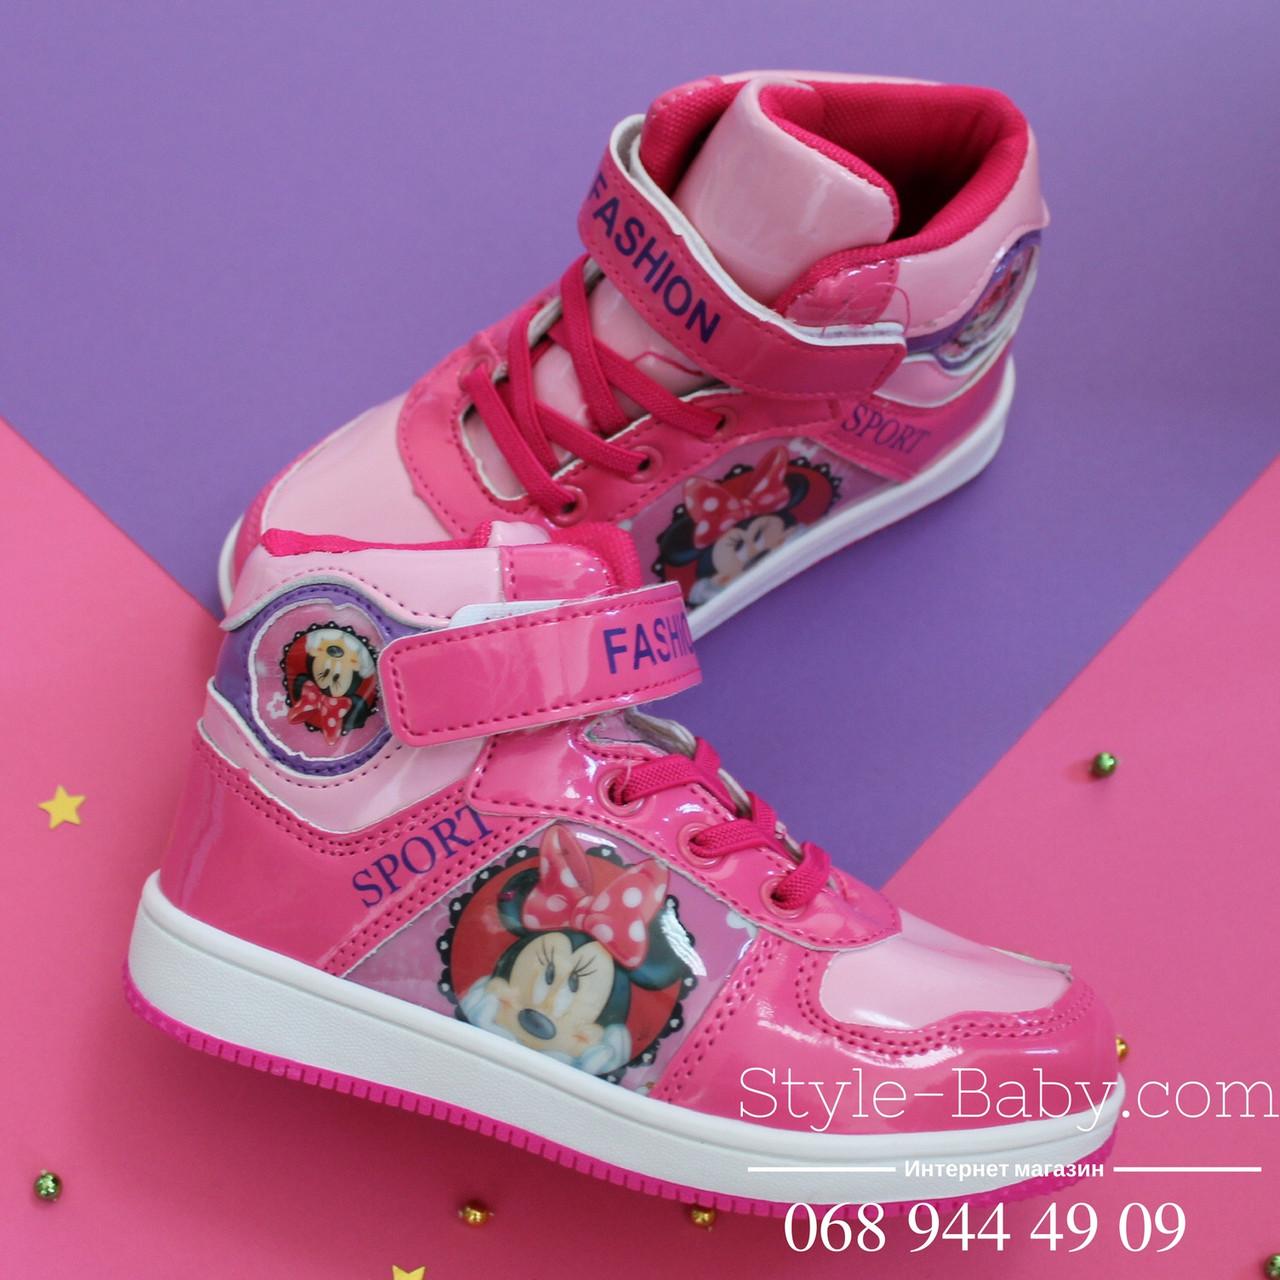 Демисезонные высокие ботинки на девочку Disney Минни р. 28,29,30 - Style-Baby детский магазин в Киеве